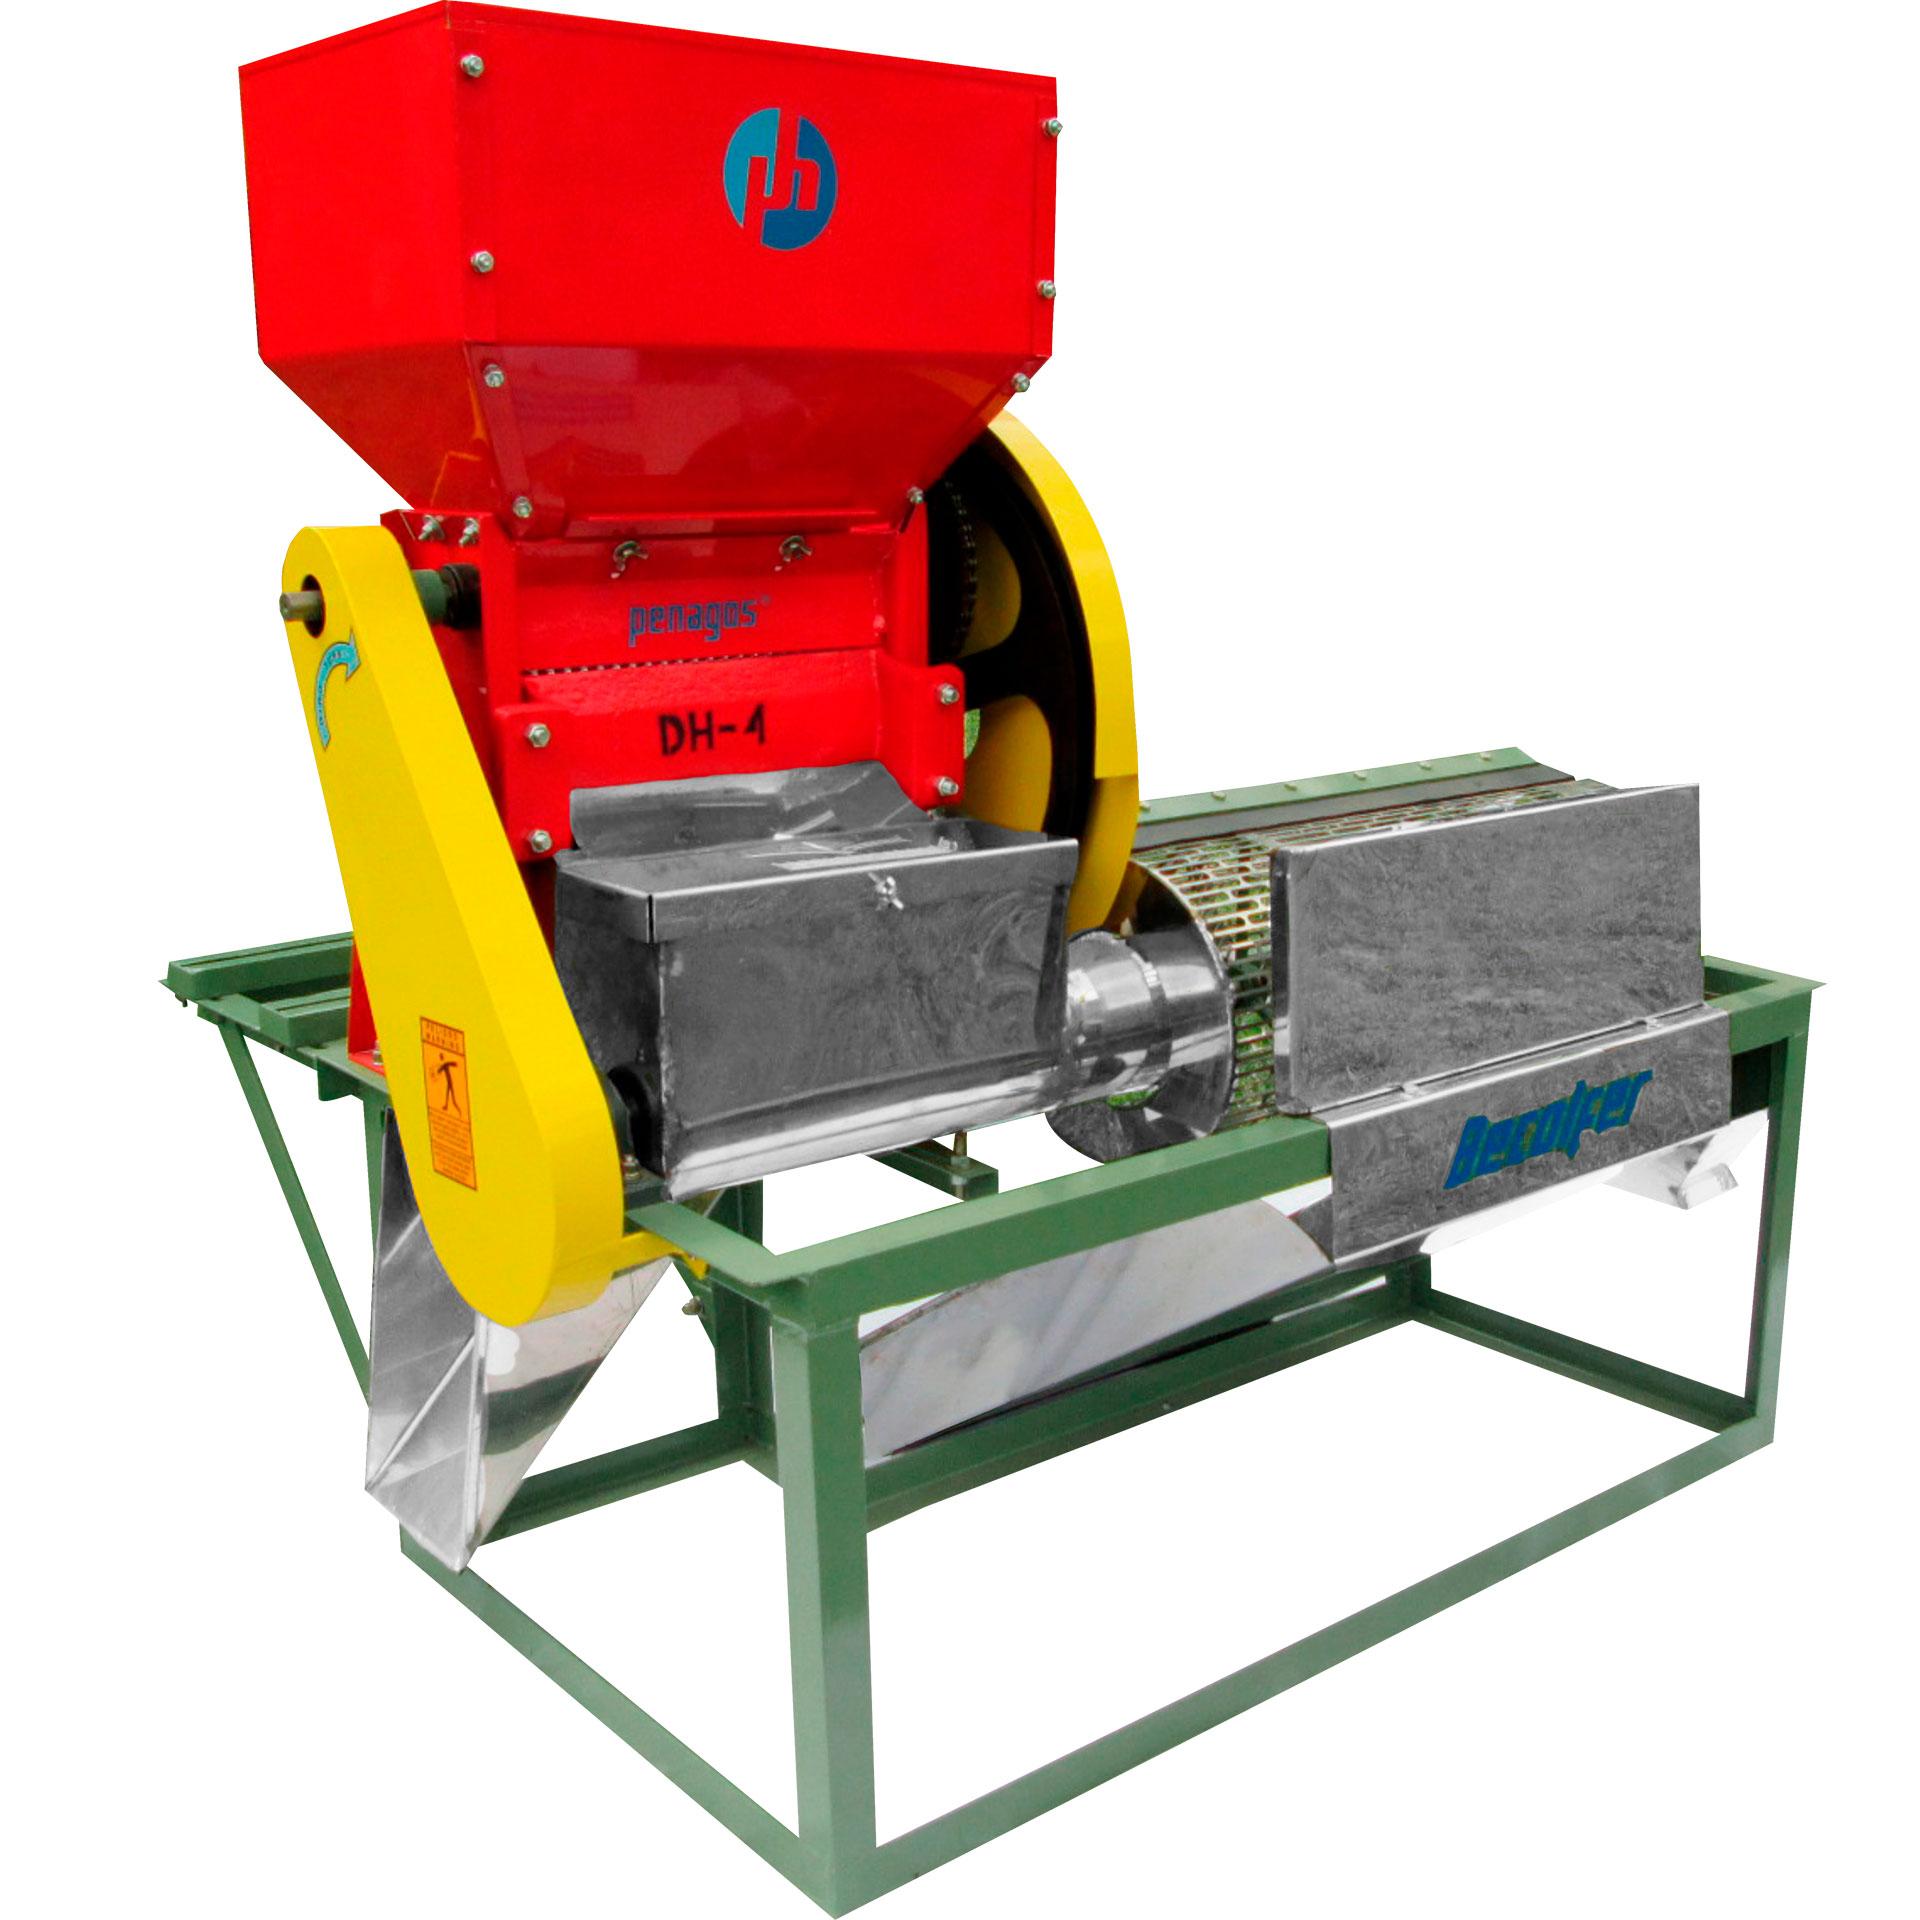 Modulo-Clasificador-Mc-4-Maquinaria-Agrícola